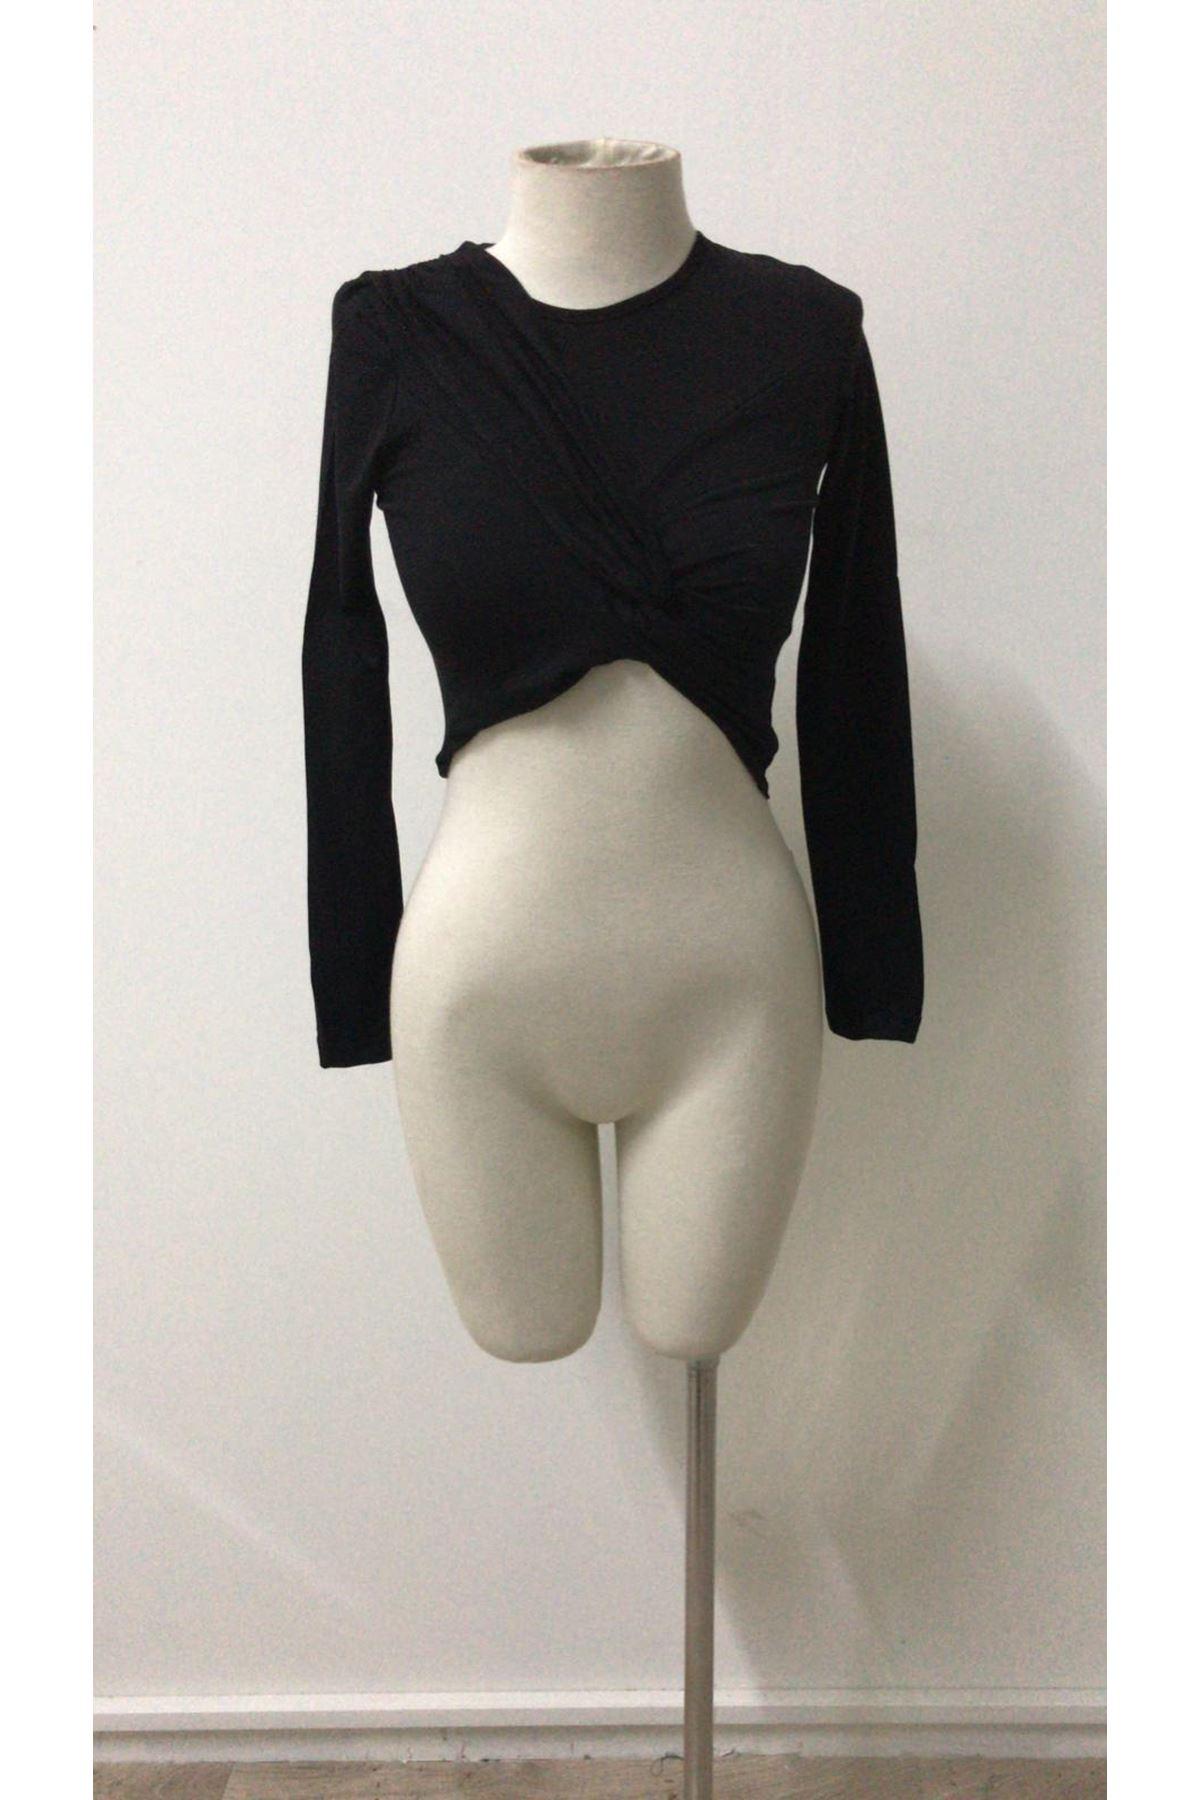 Düğüm Model Tasarım Bluz  - siyah